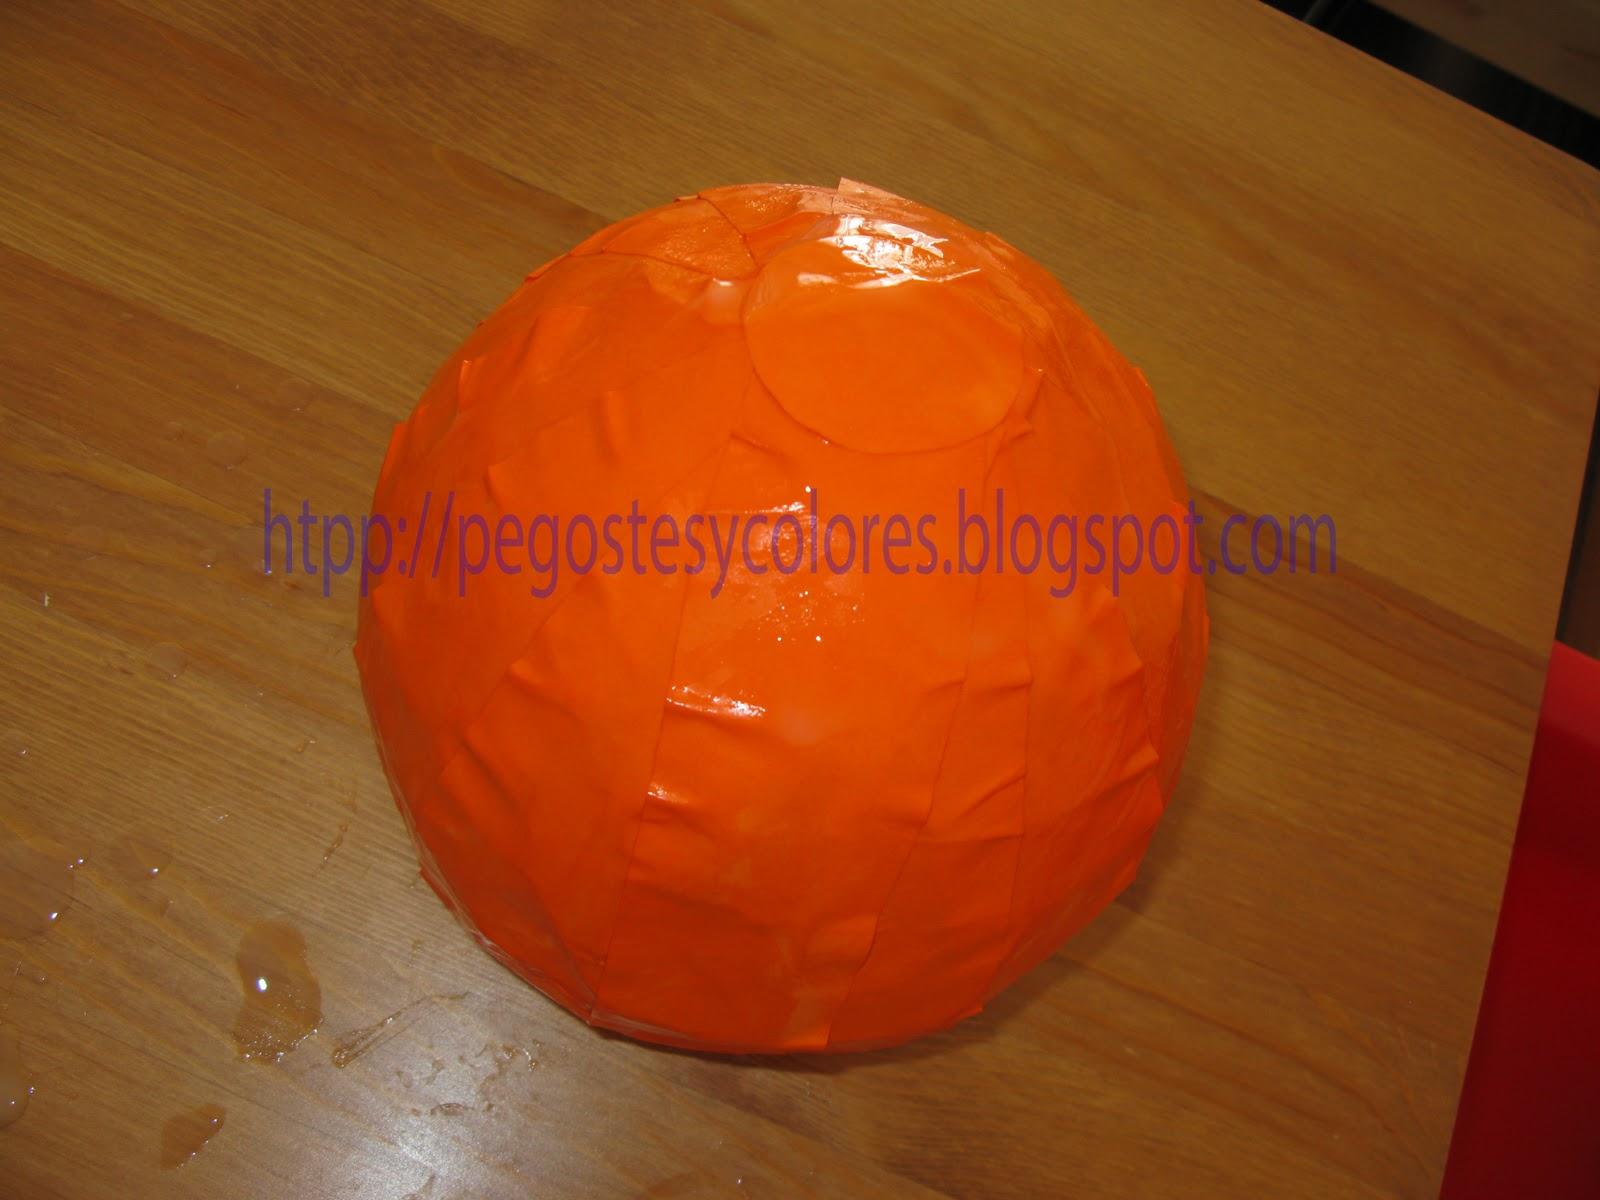 Pegostes y colores octubre 2011 - Como hacer color naranja ...